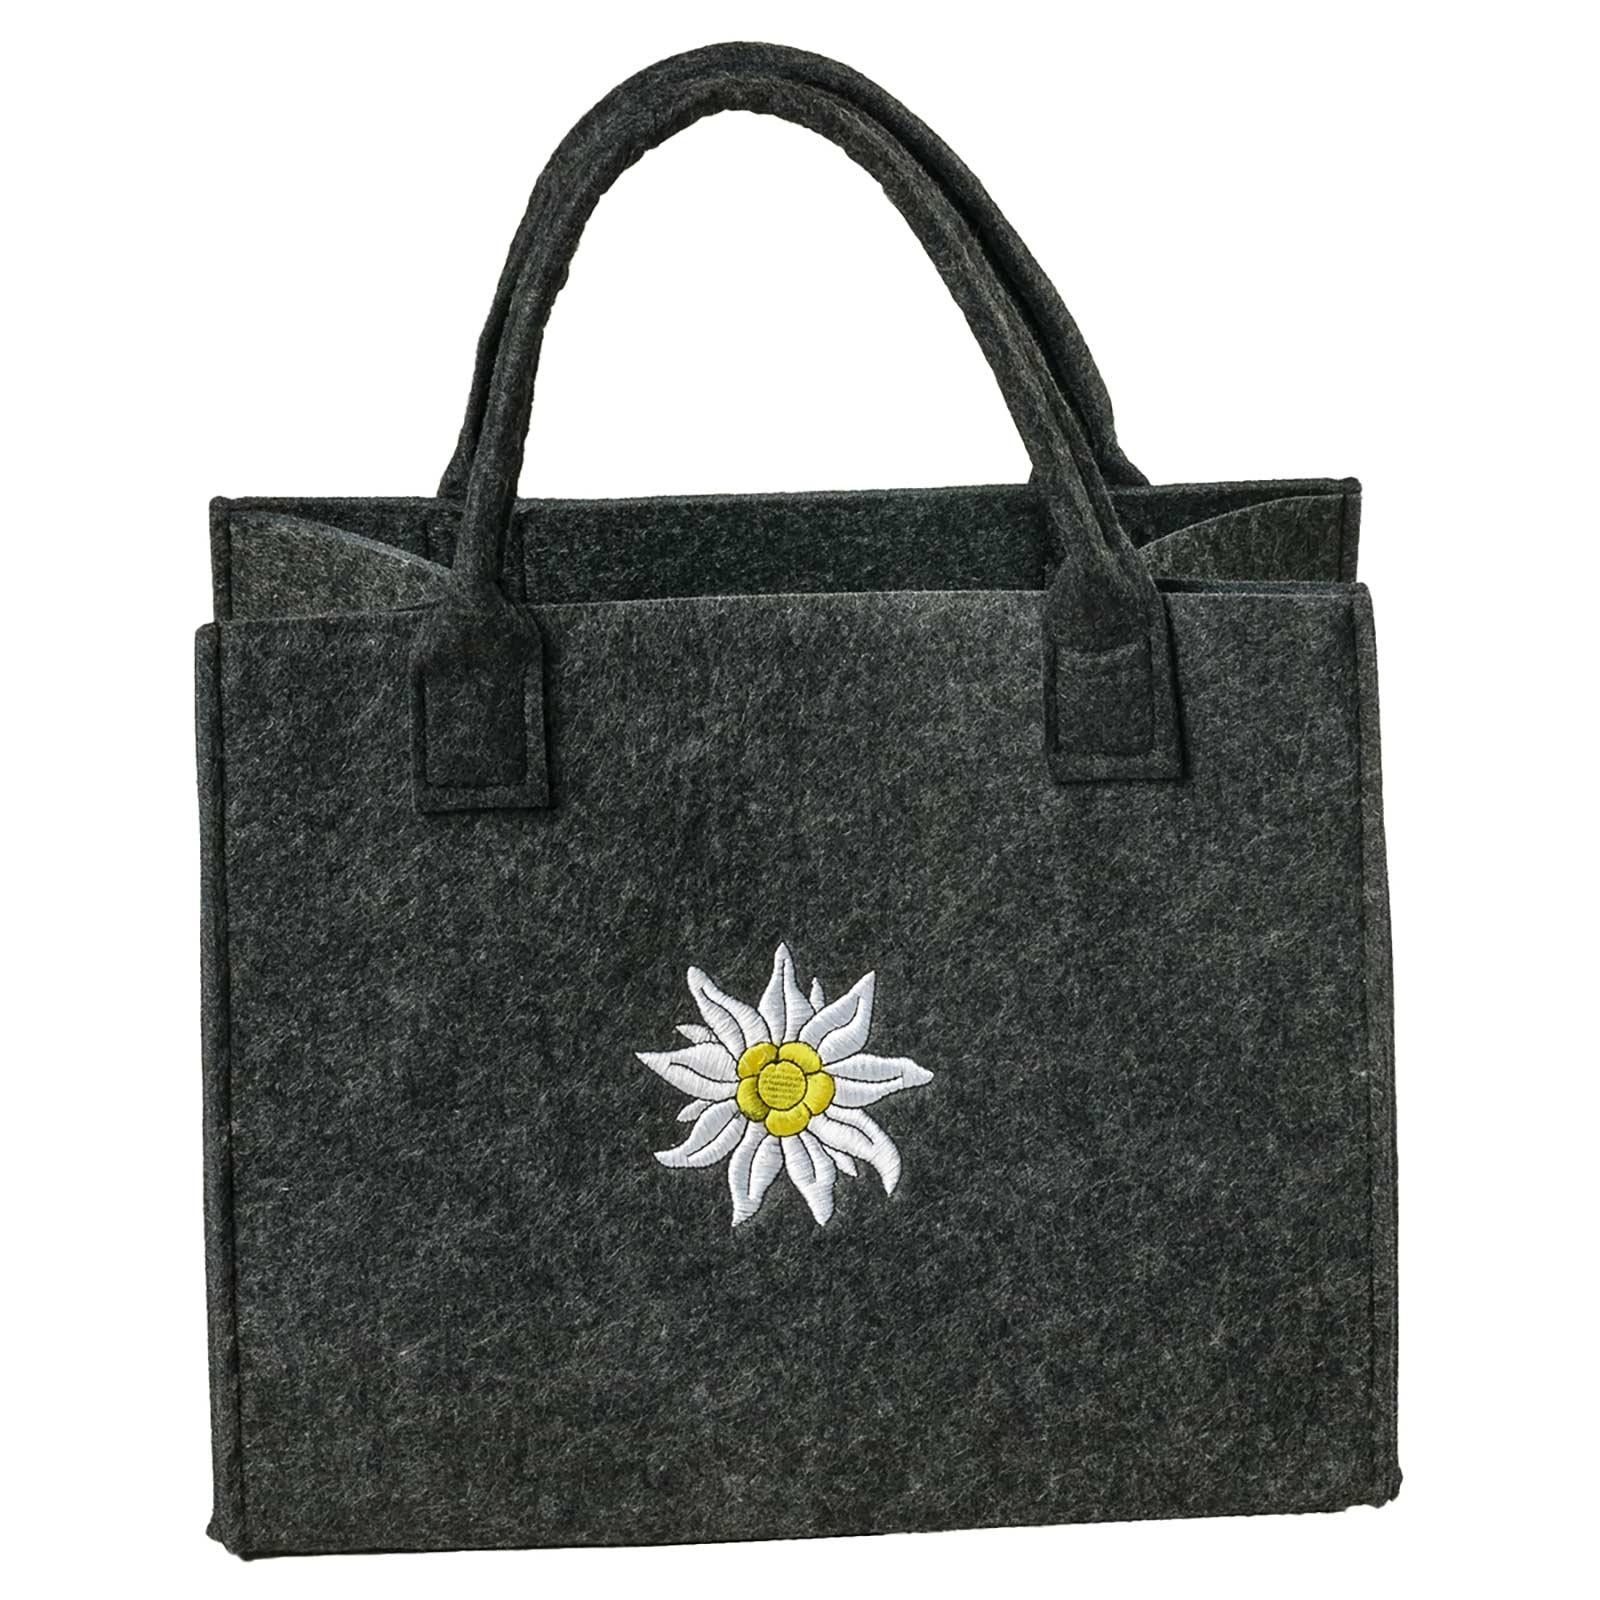 Filztasche 35x20x43cm Einkaufstasche Handtasche Shopper 2-farbig o. Motiv – Bild 13